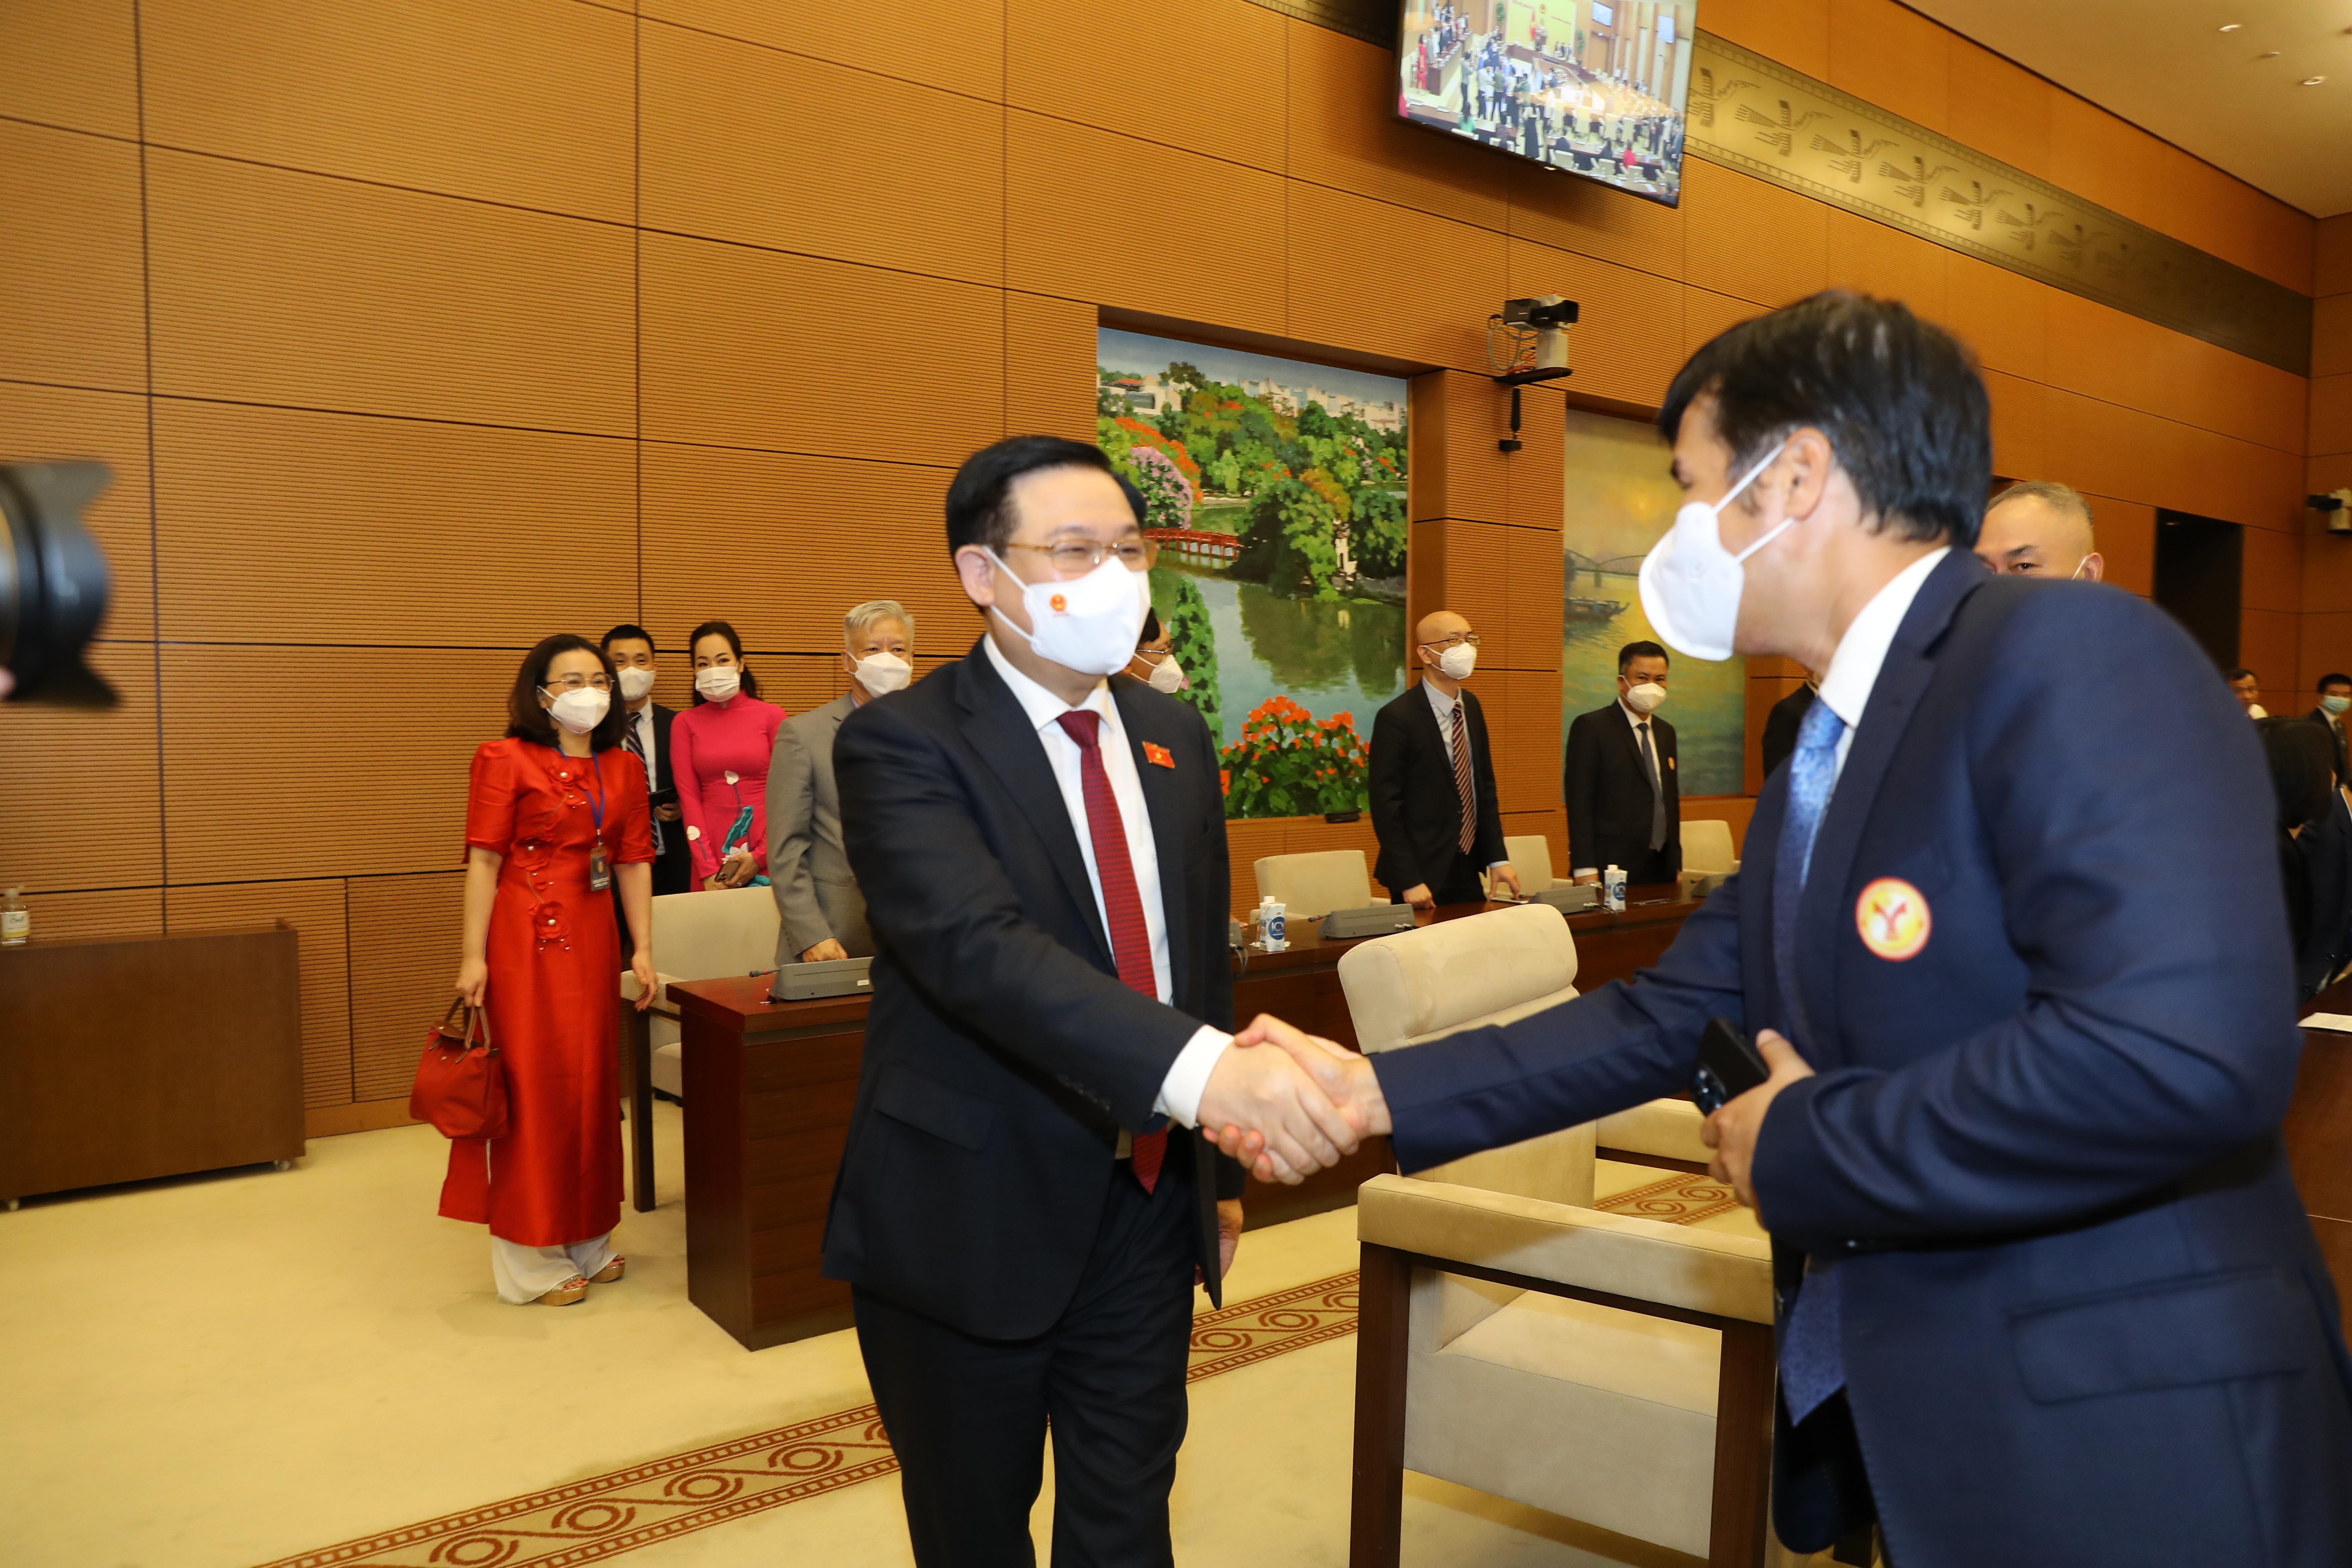 Chủ tịch Quốc hội bắt tay đại diện doanh nghiệp tham gia buổi họp mặt - Ảnh: Giang Nam.